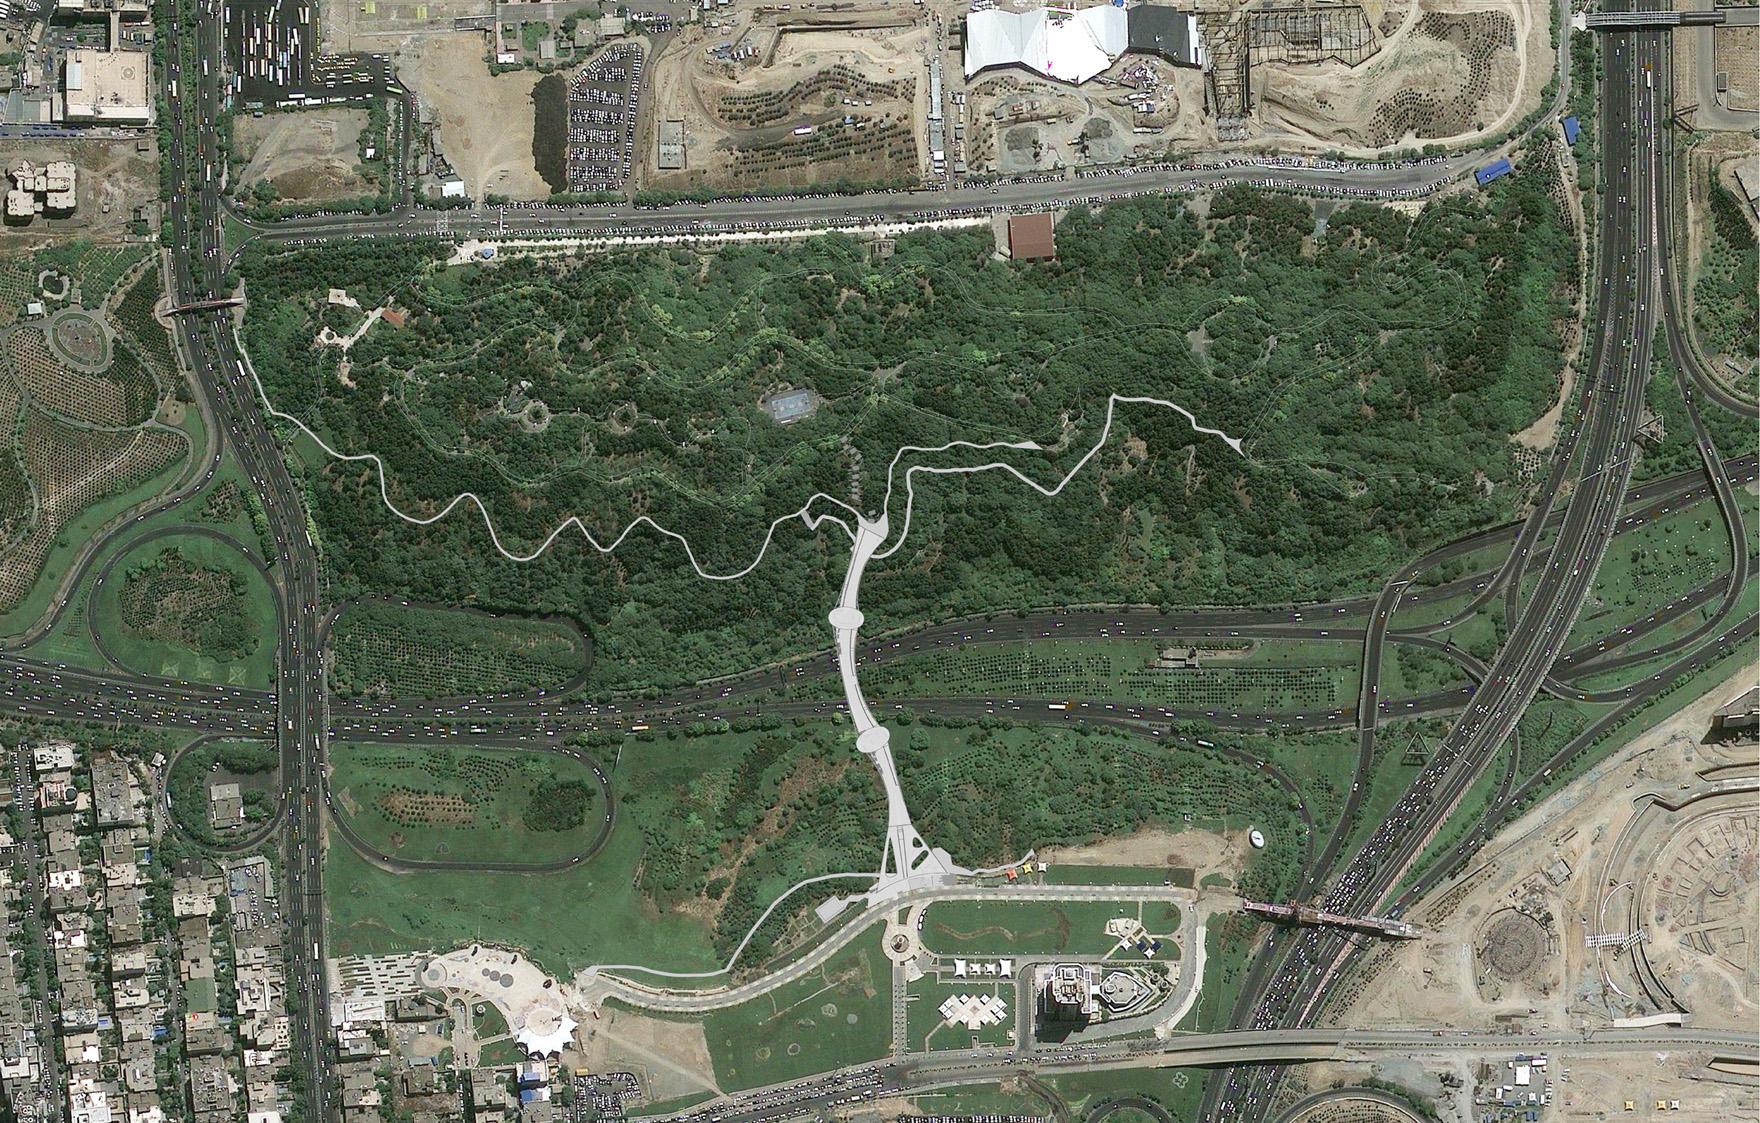 تصویر هوایی از پل طبیعت تهران,موقعیت سایت پل طبیعت تهران,تپه های عباس آباد تهران